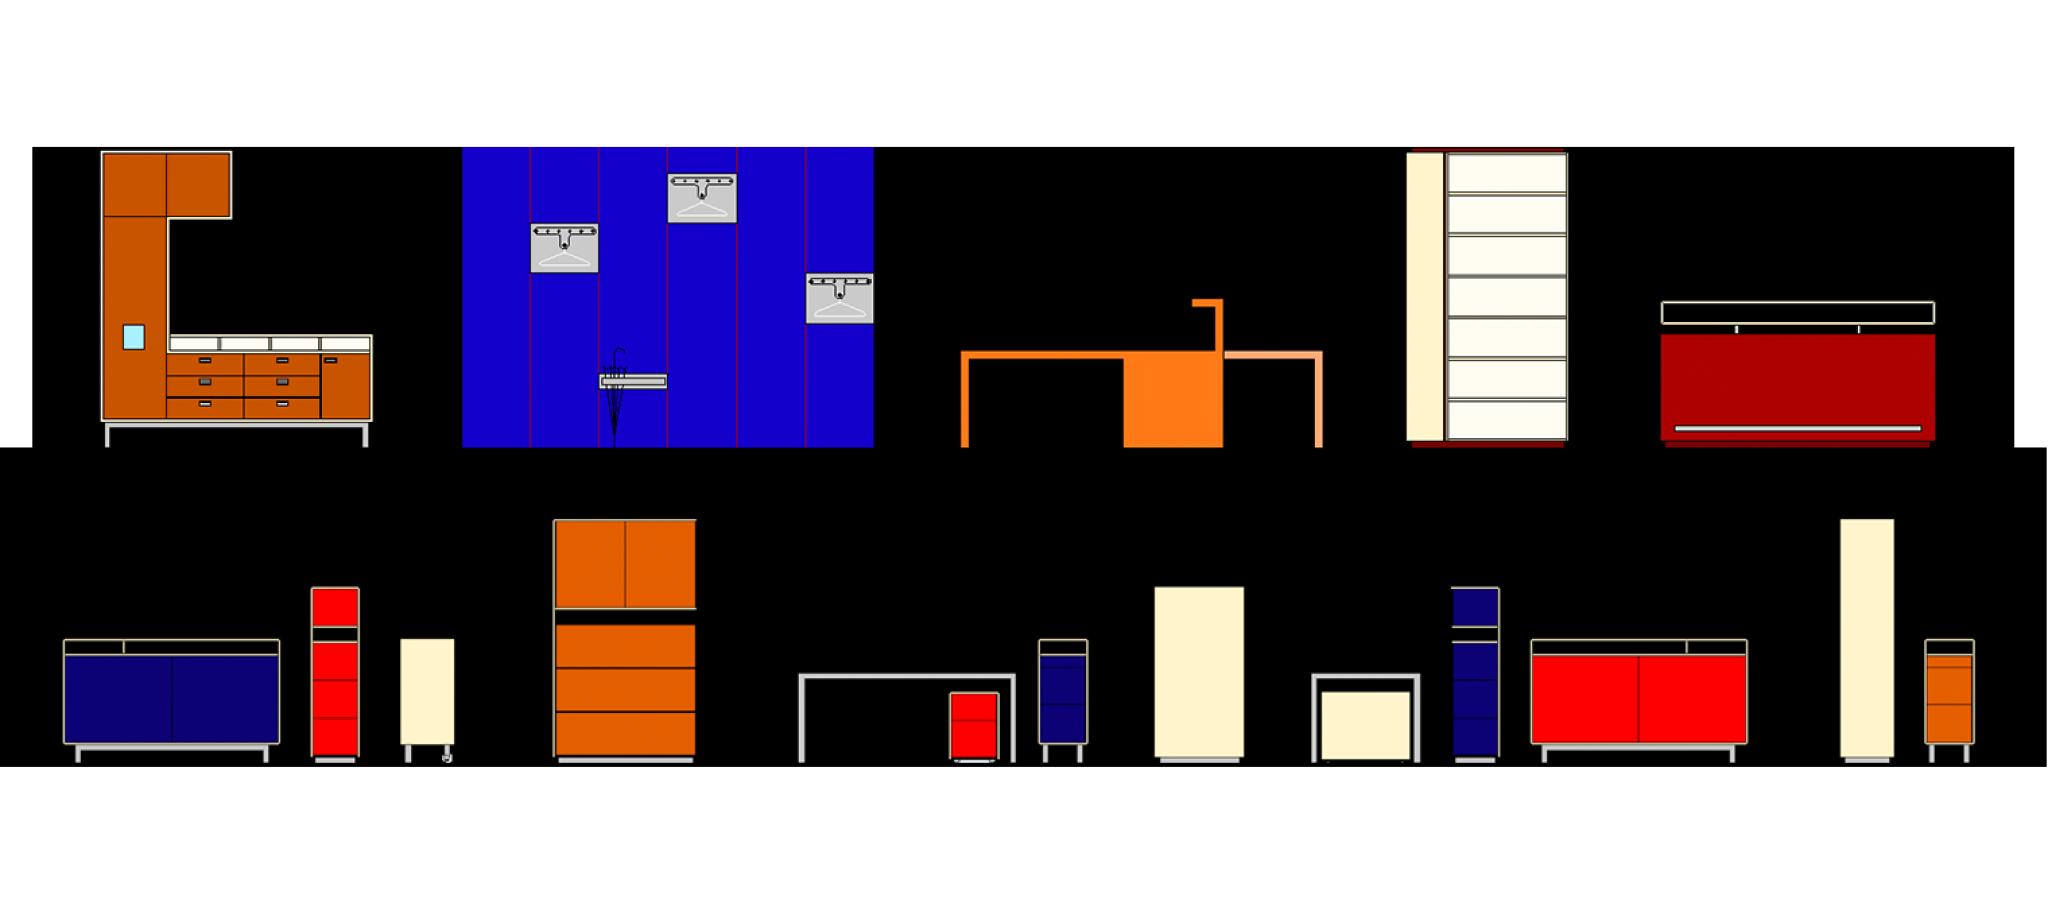 De Ontwerpwerkplaats, Gijs Niemeijer, Floor van Ditzhuyzen, Bureau Nationale Ombudsman, ontwerp kantoorinrichting, transformatie kantoorgebouw, interieur kantoor, ontwerp kantoormeubilair, Gijs Niemeijer, Floor van Ditzhuyzen, interieur nationale ombudsman, interieur ombudsman, garderobe, interieurontwerp, meubelontwerp, ontwerp balie, speciaal meubilair